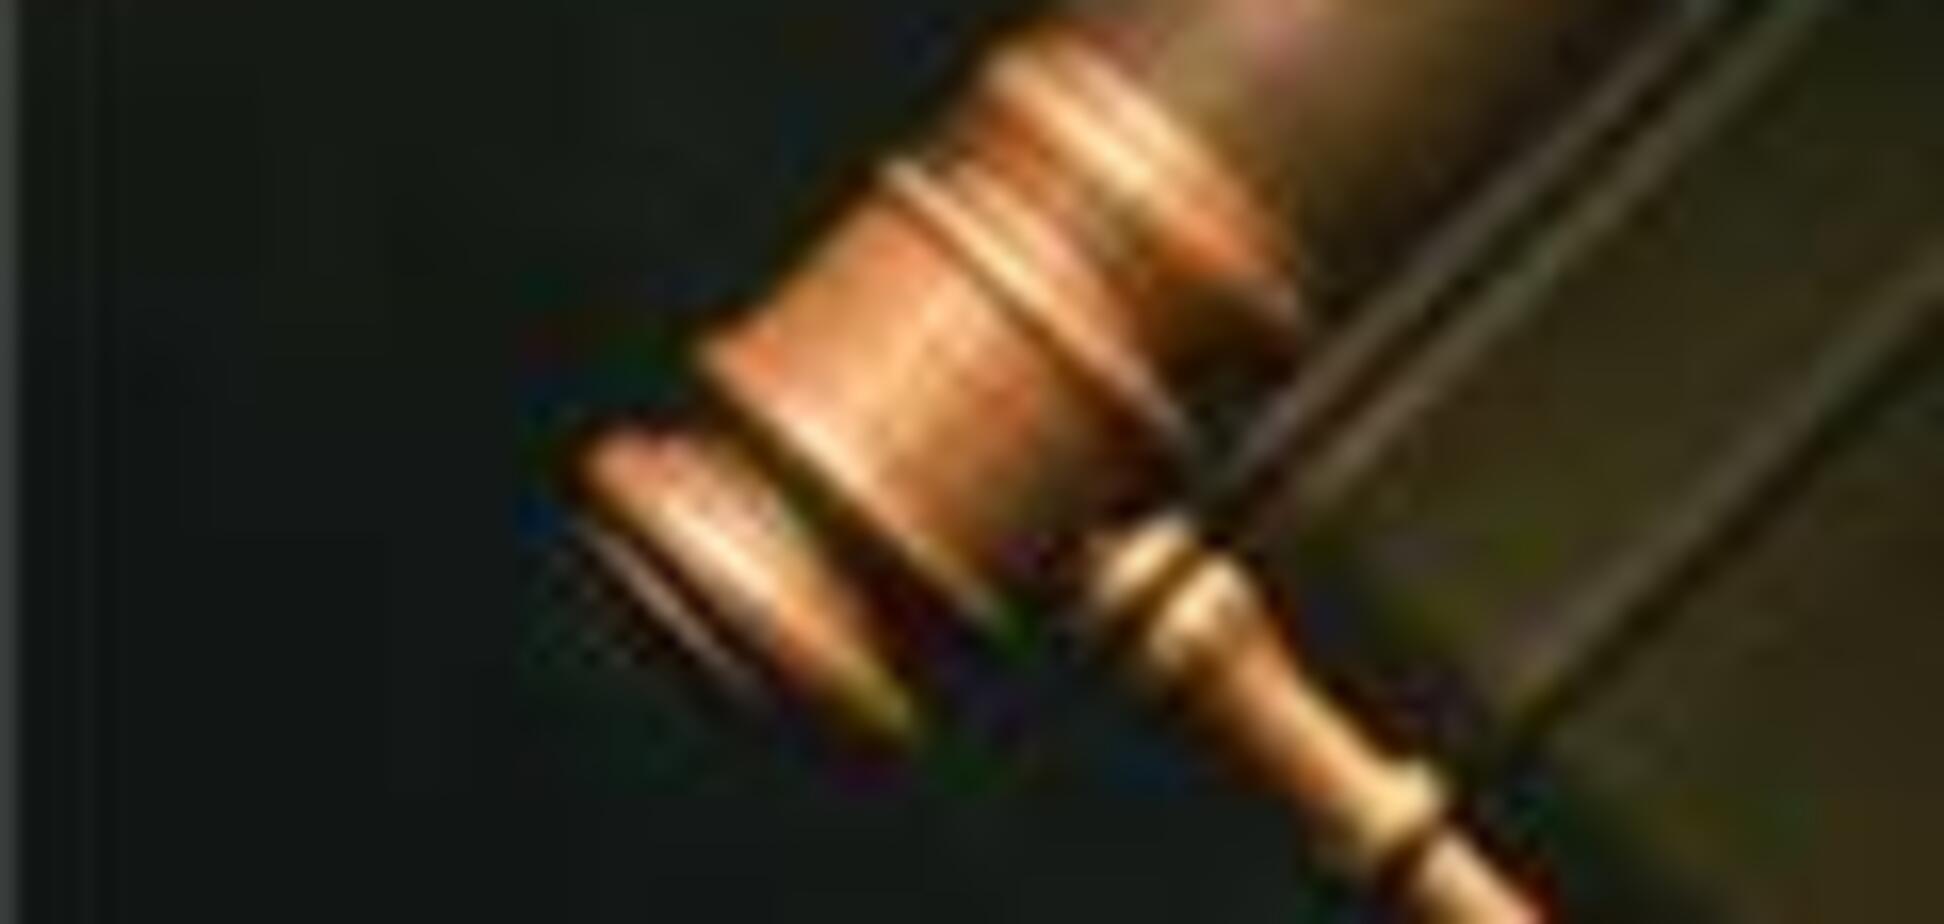 Суд не позволил дать ребенку имя Пятница